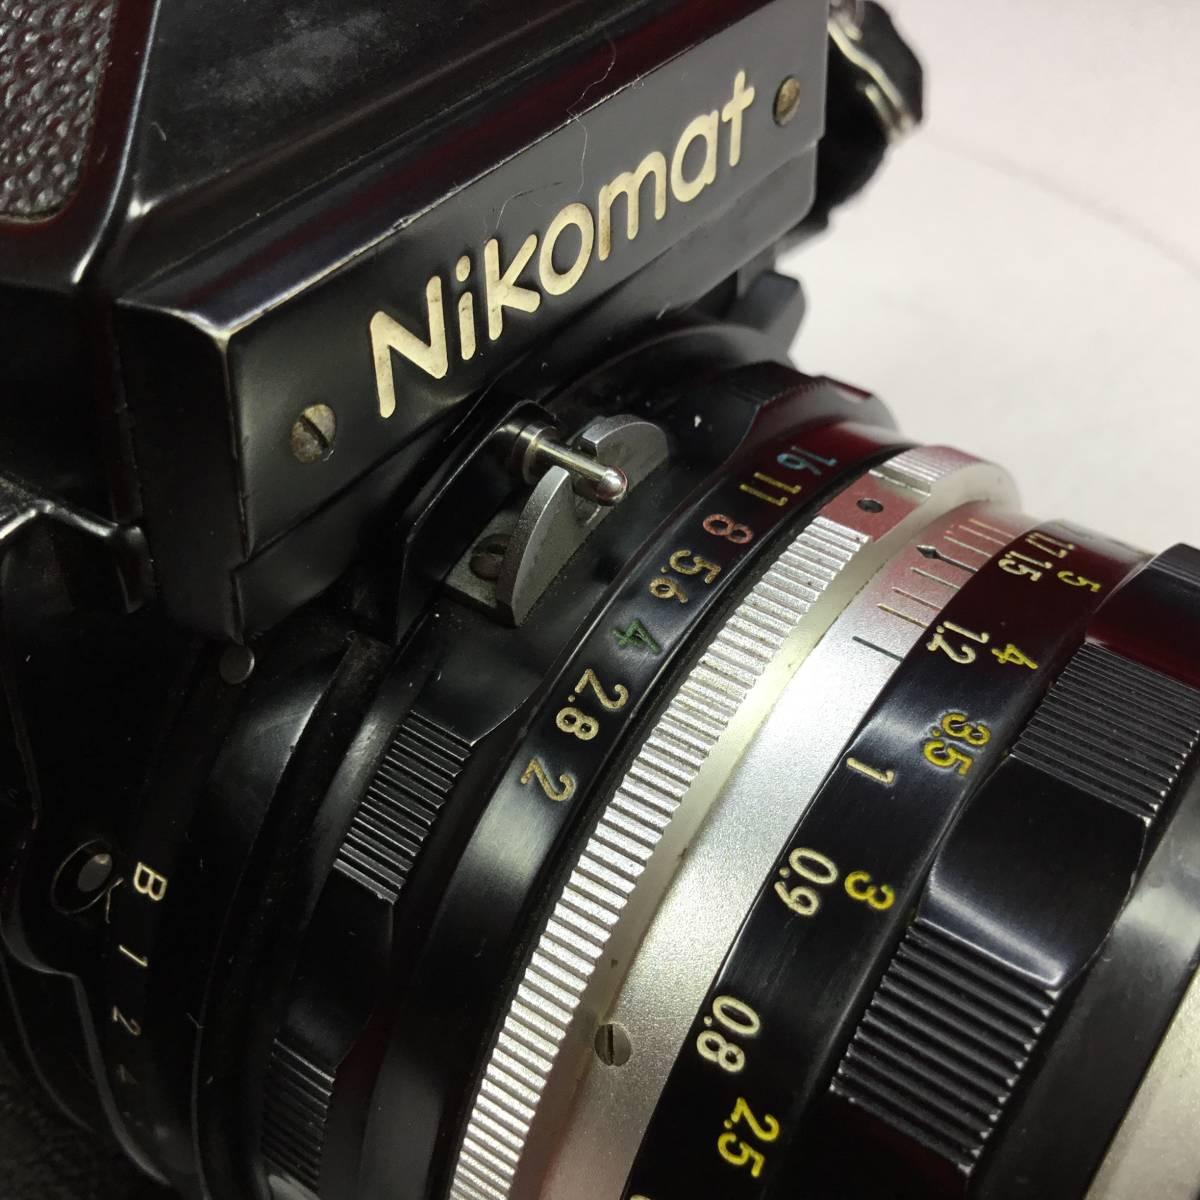 一眼レフカメラ Nikomat FT レンズ Nikon NIKKOR-H Auto 1:2 f=50mm ニコマート_画像7